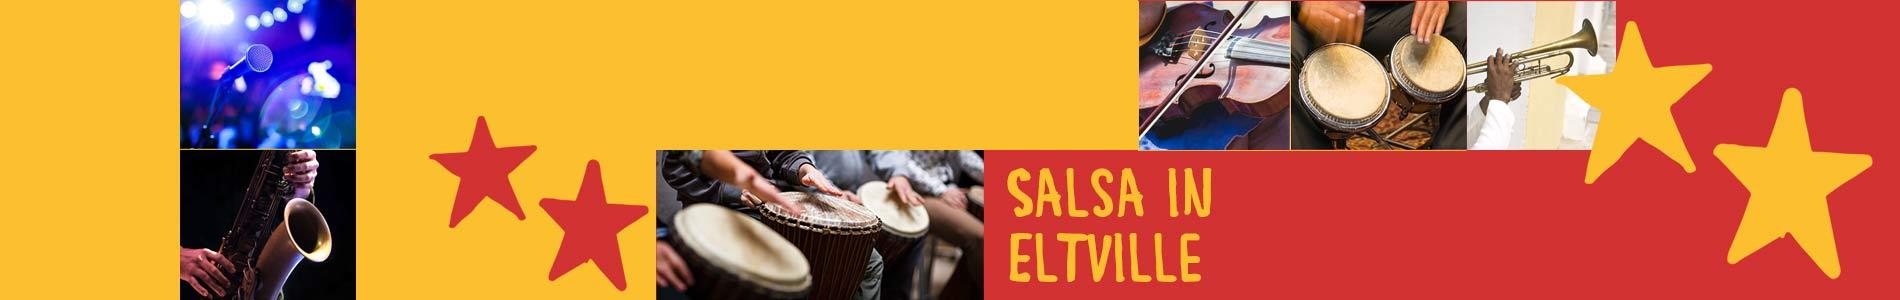 Salsa in Eltville – Salsa lernen und tanzen, Tanzkurse, Partys, Veranstaltungen